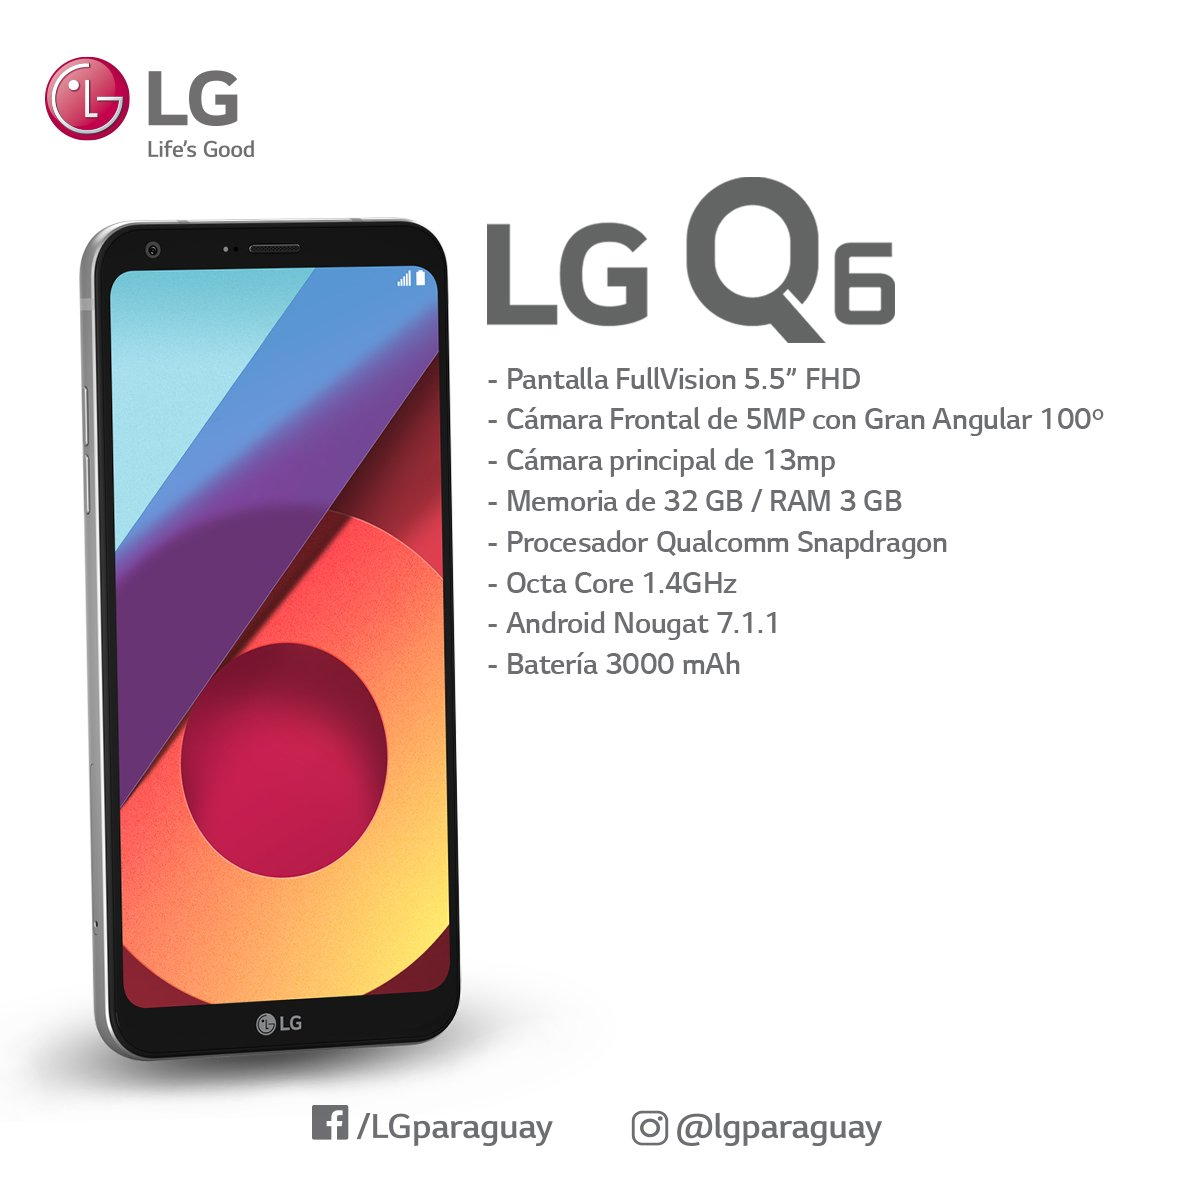 Conocé el #LGQ6 con un diseño elegante y minimalista, y una forma más redondeada para una experiencia visual ideal. https://t.co/lRRkYx5sGm